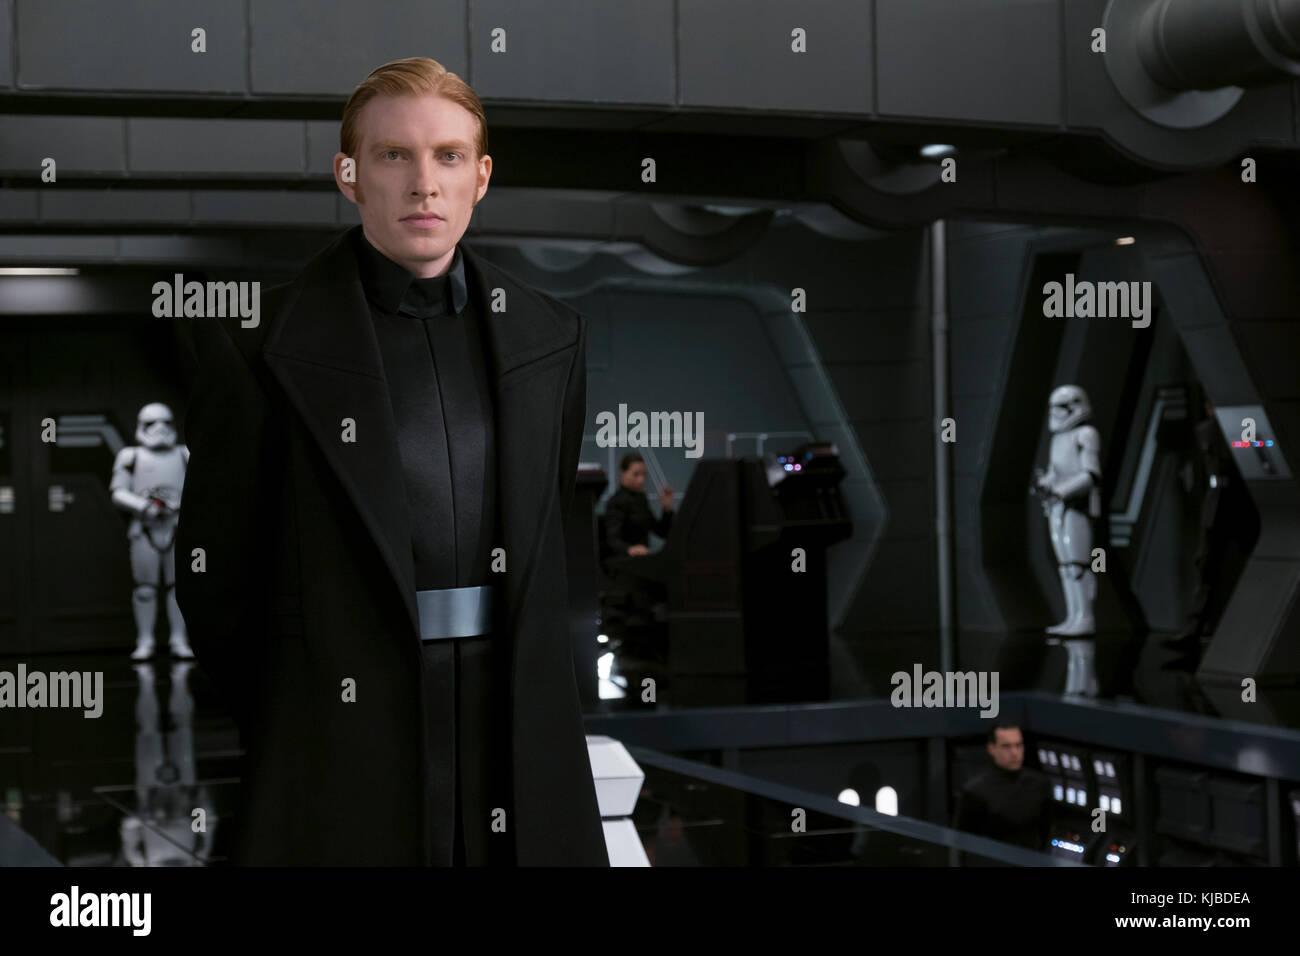 ERSCHEINUNGSDATUM: 15. Dezember 2017 TITEL: Star Wars: Das Letzte JEDI-STUDIO: LUCASFILM-REGISSEUR: Rian Johnson Stockfoto